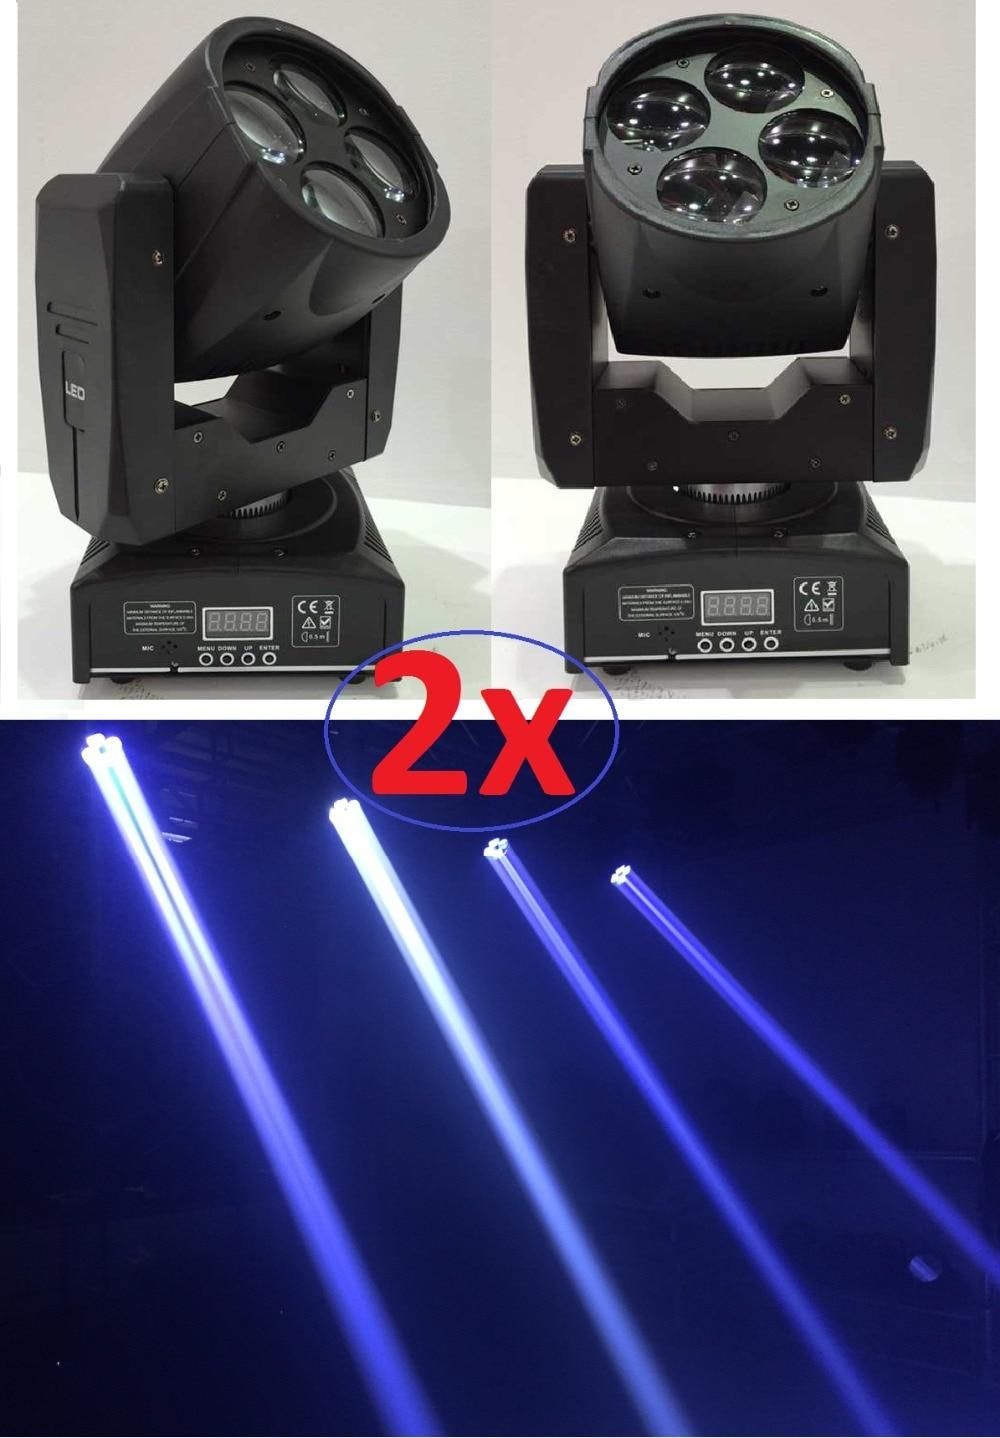 2xLot 60 W Led Tête Mobile Effet Spot Spot Lumière 4x15W Spot Faisceau Lavage Mini Éclairage DJ KTV Disco Éclairage De Scène RGBW Blanc Couleurs